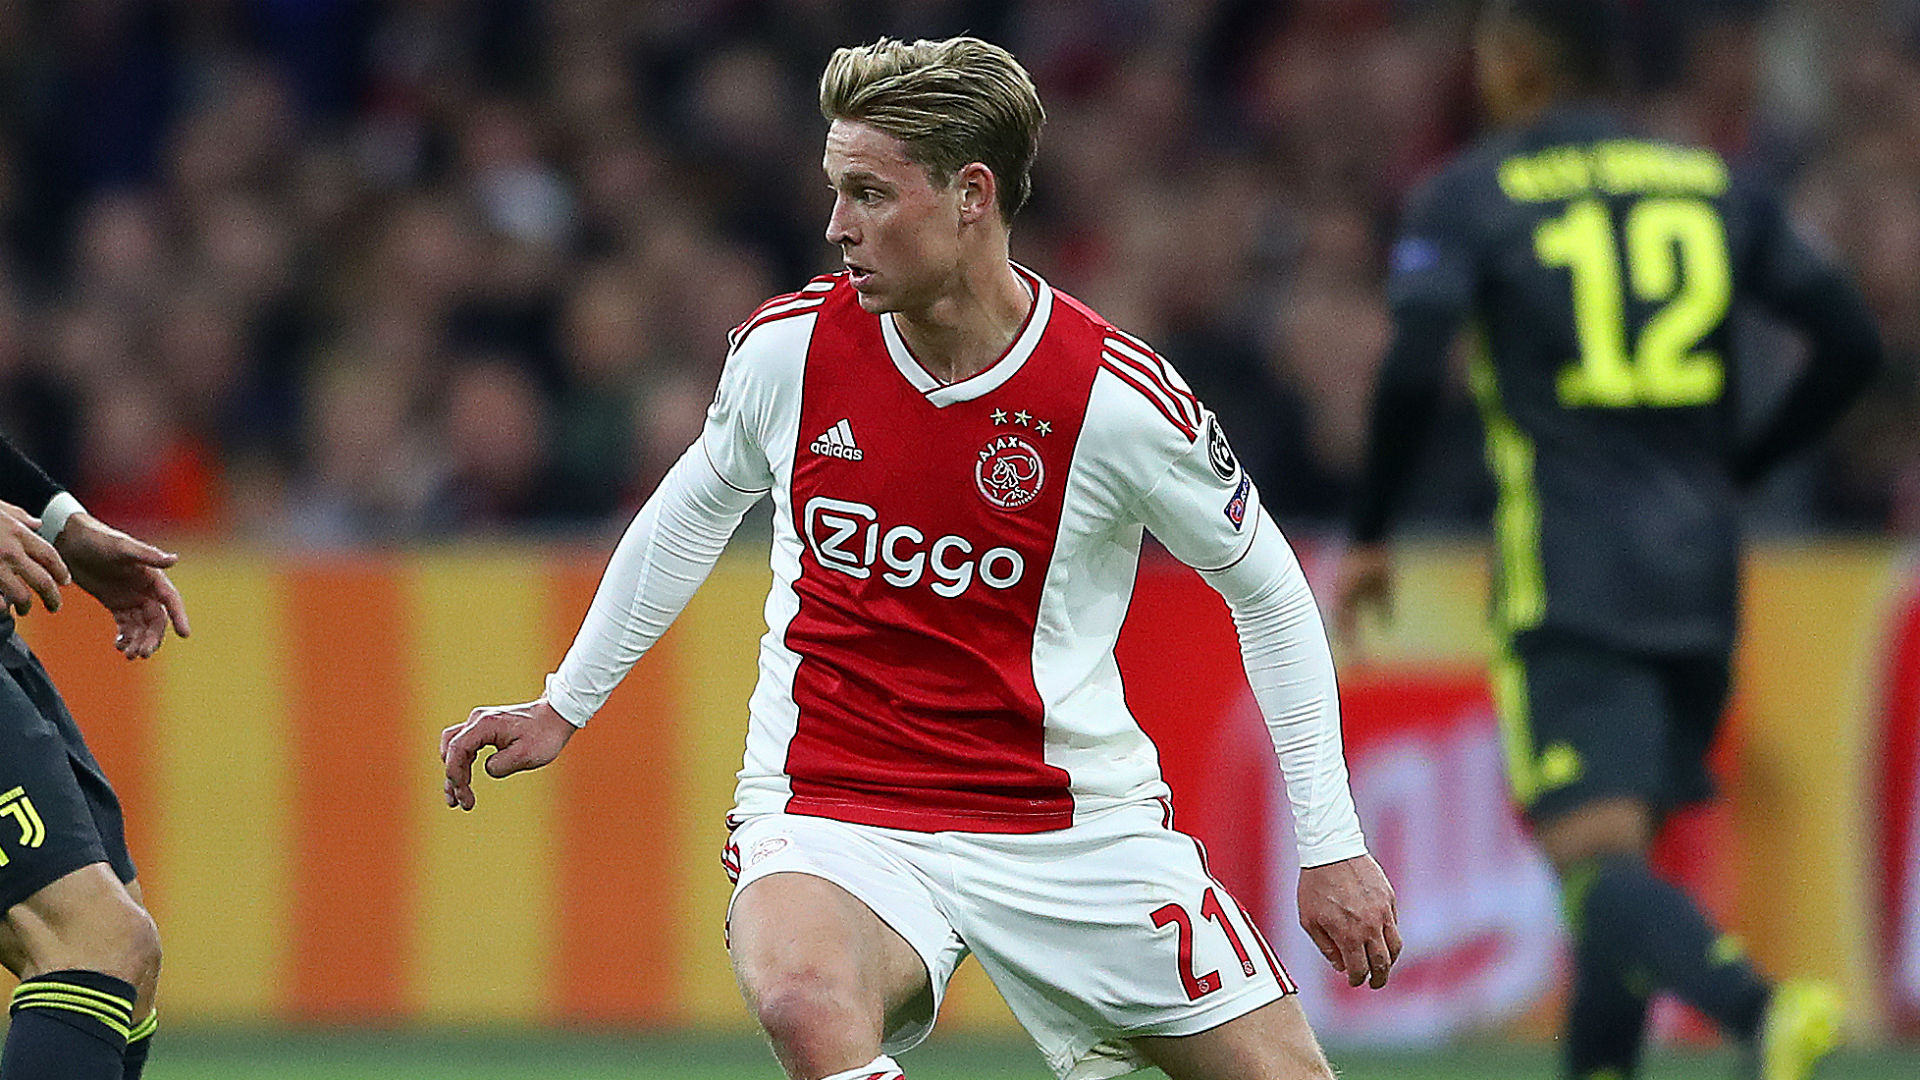 Ajax to assess De Jong's hamstring injury